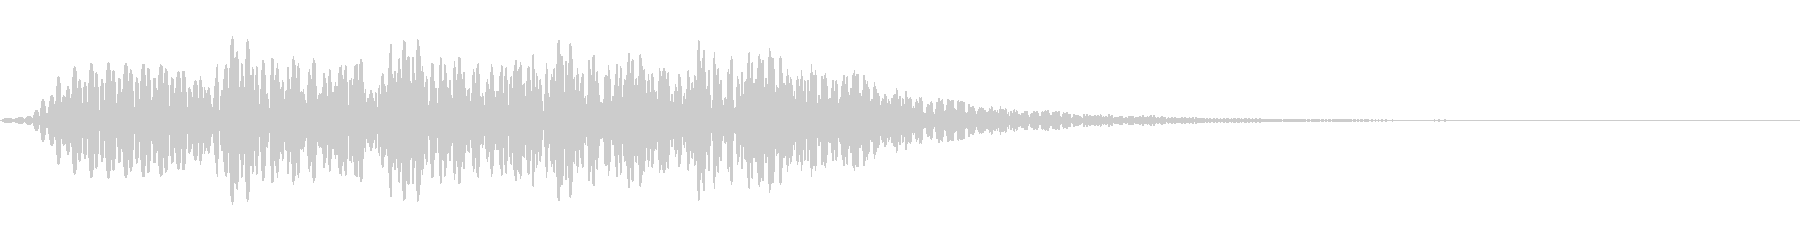 ラインナップ音の未再生の波形